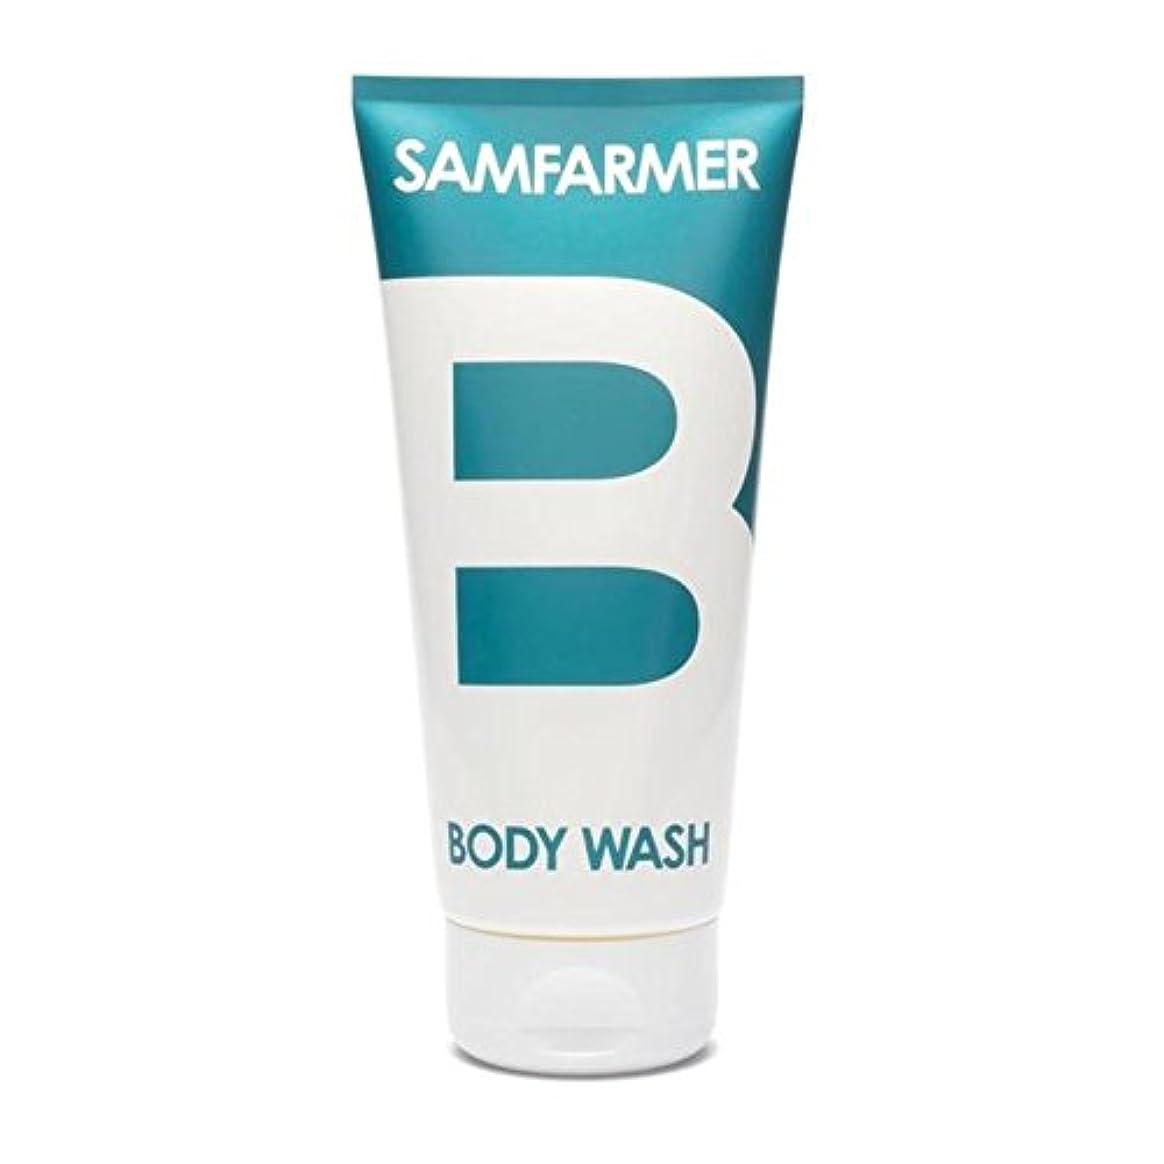 望み懺悔大佐SAMFARMER Unisex Body Wash 200ml - ユニセックスボディウォッシュ200ミリリットル [並行輸入品]